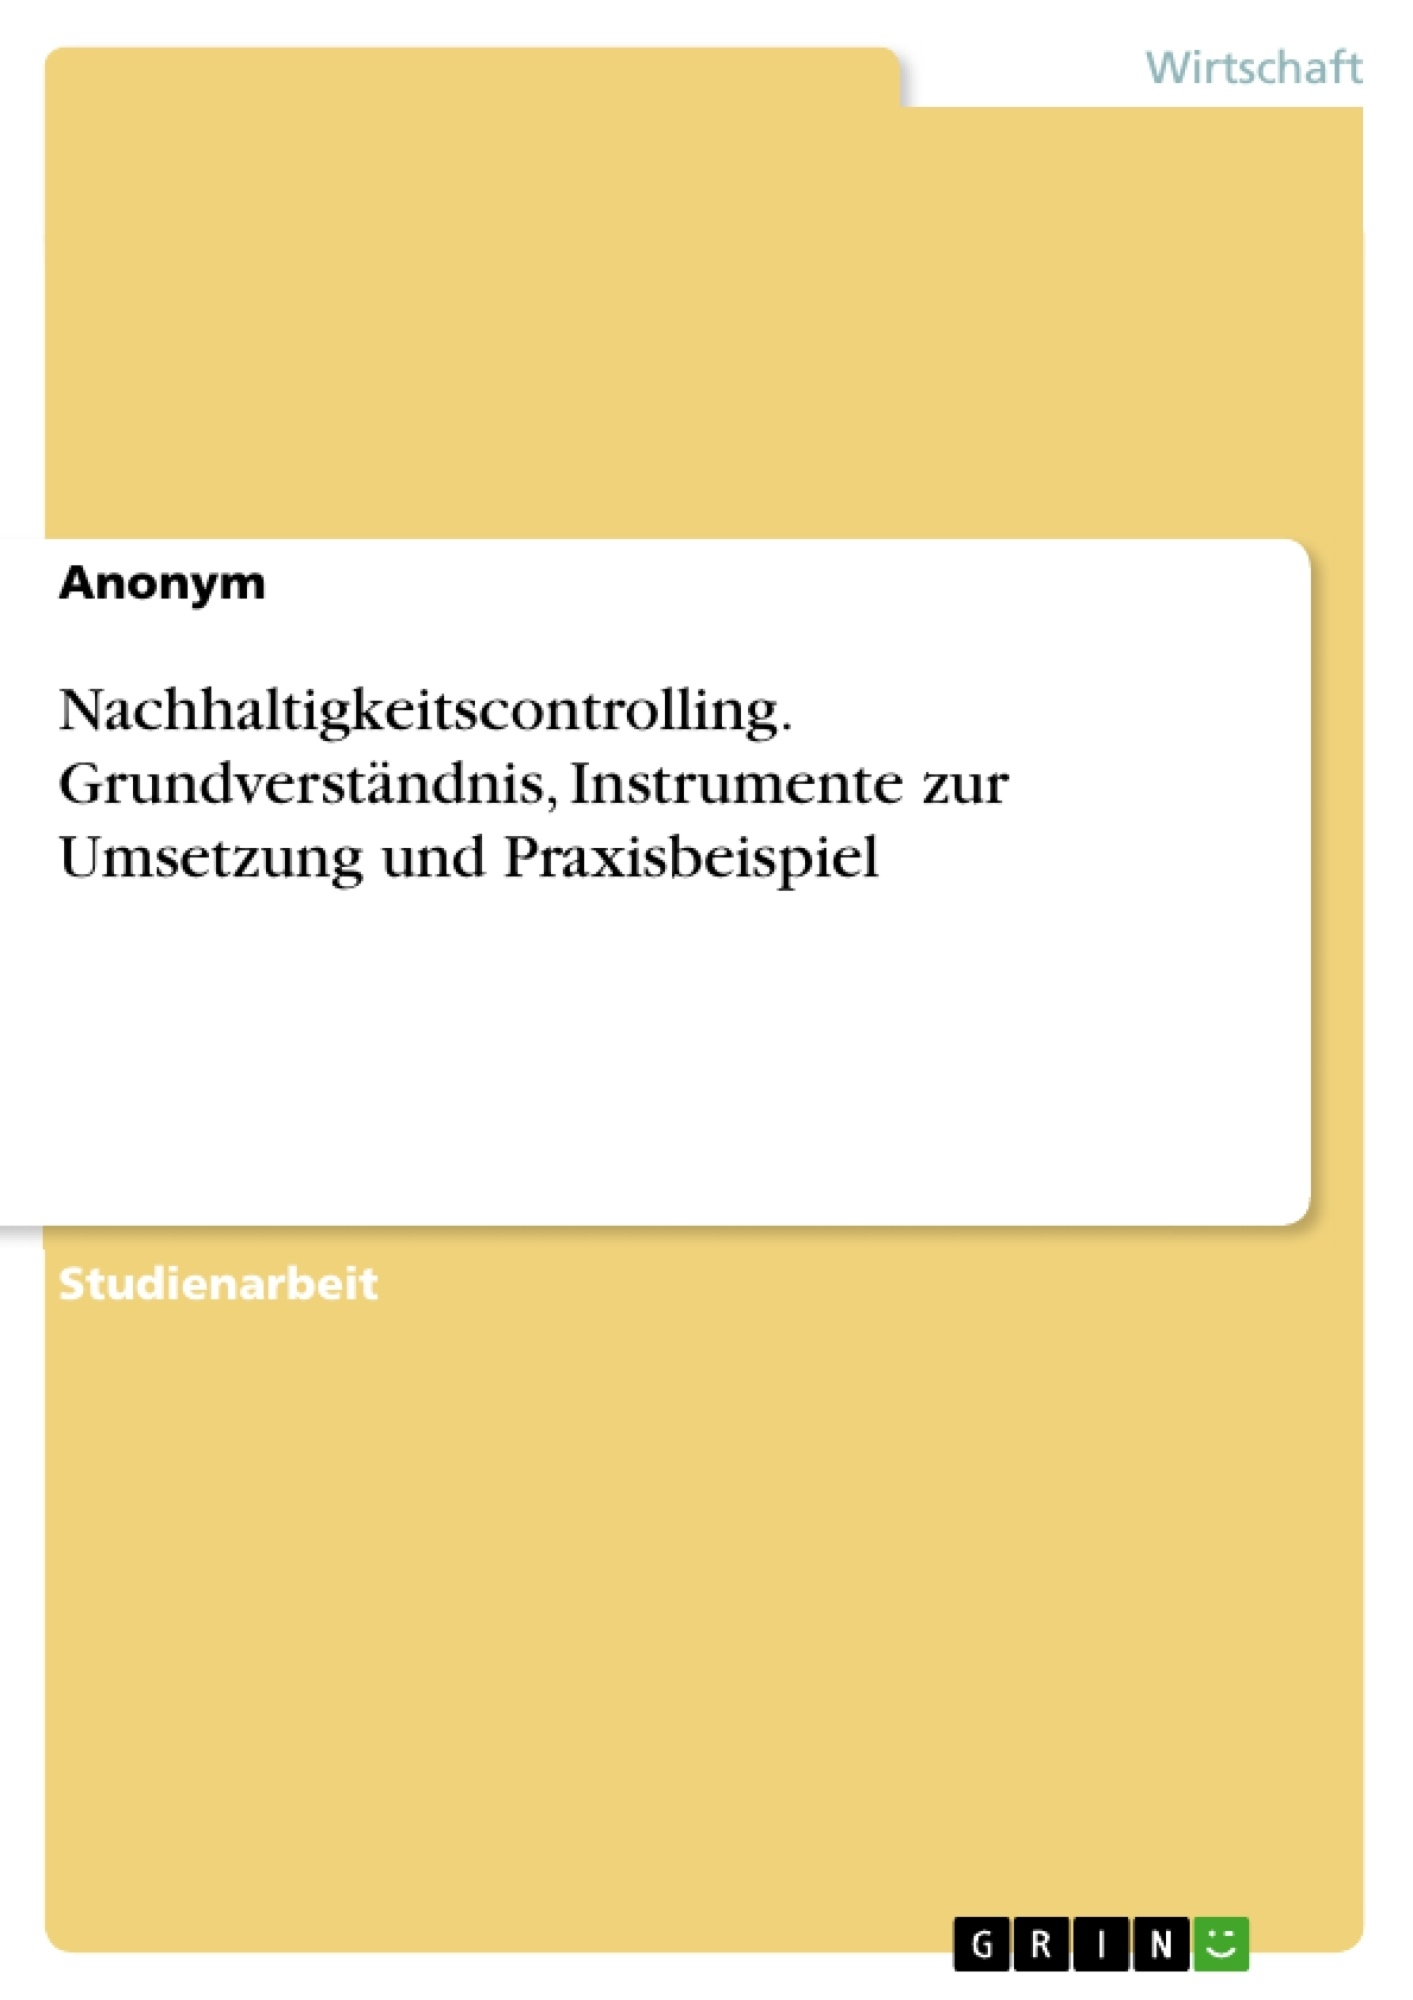 Titel: Nachhaltigkeitscontrolling. Grundverständnis, Instrumente zur Umsetzung und Praxisbeispiel